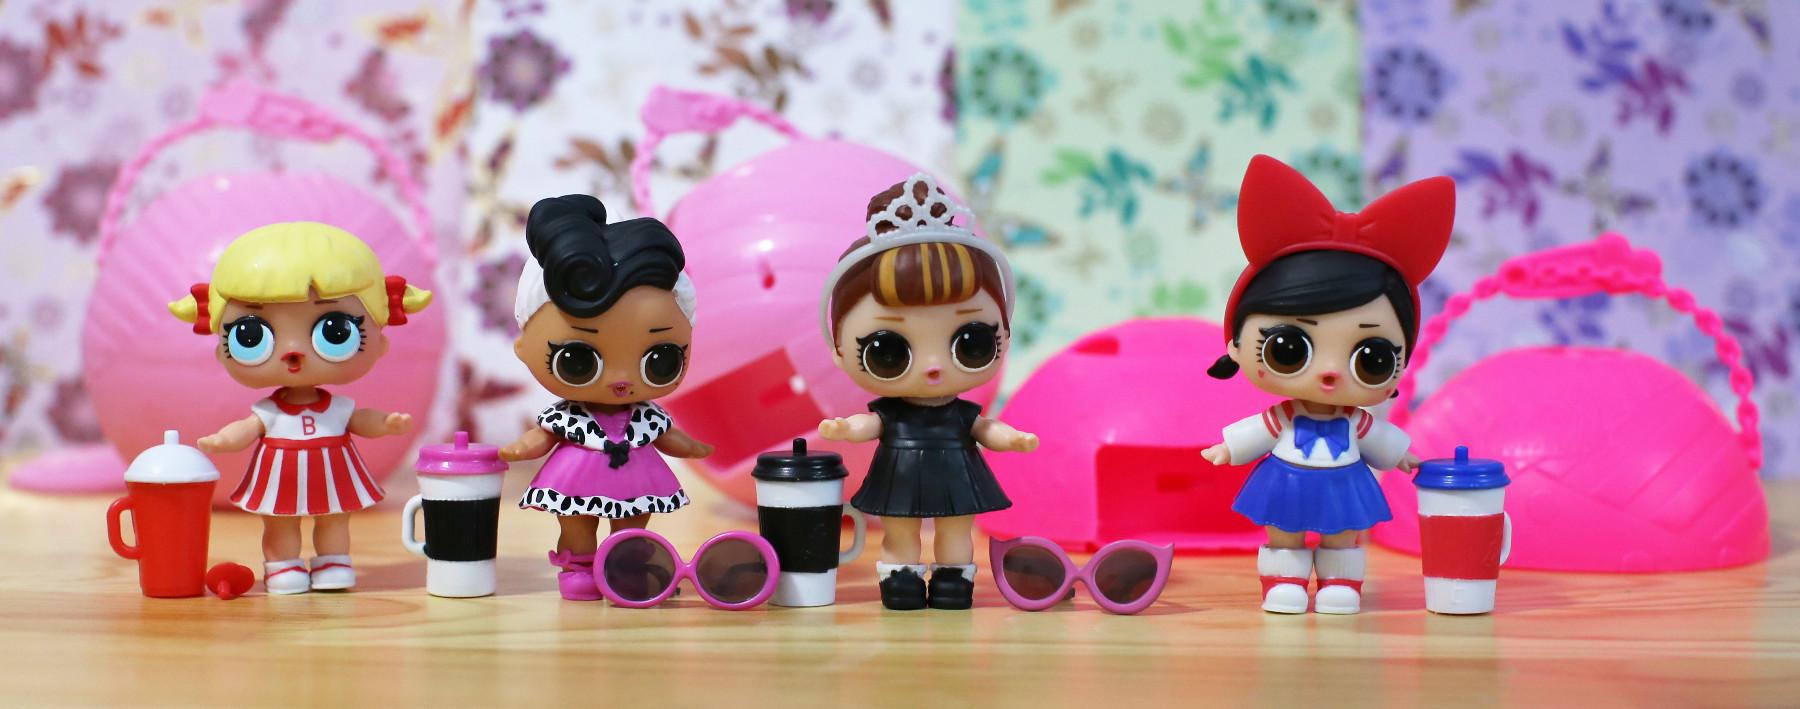 L O L Surprise три куклы второй серии разбираемся что к чему